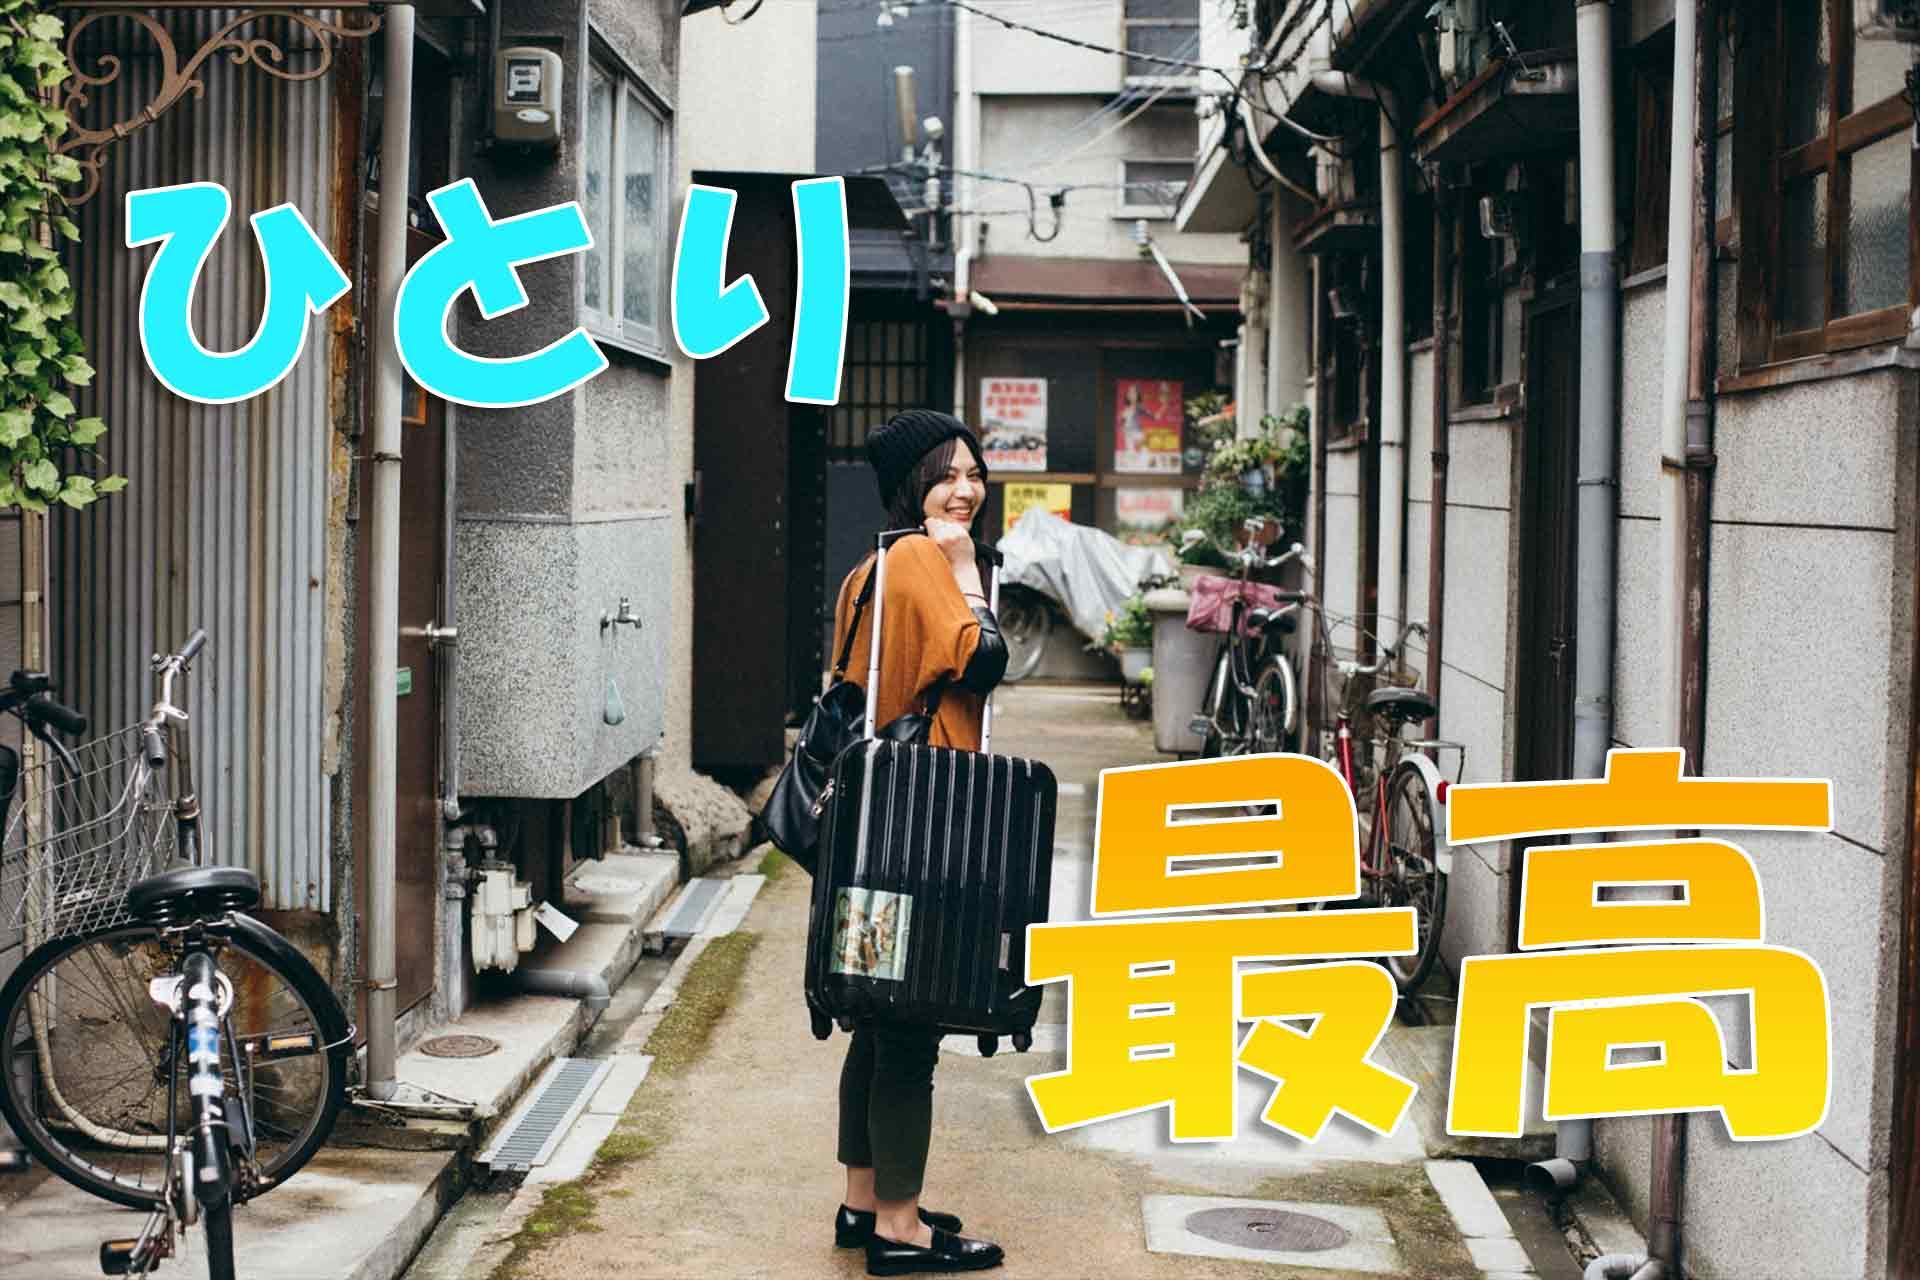 スーツケースを持ち笑顔で振り返る女性と「ひとり 最高」の文字